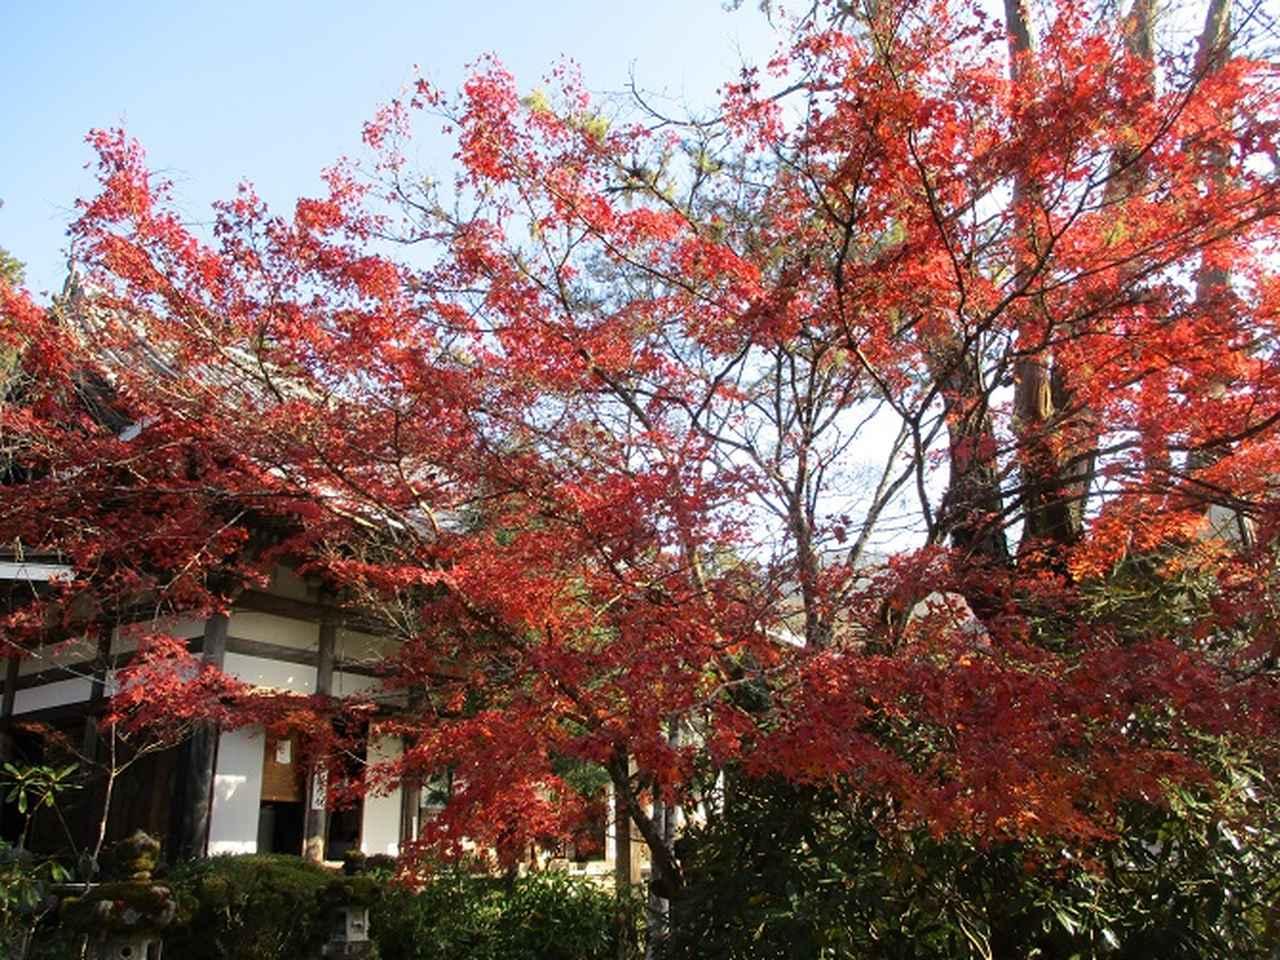 画像5: 11月27日より2泊3日で 山旅会 「京都」 ツアーへ行ってまいりました